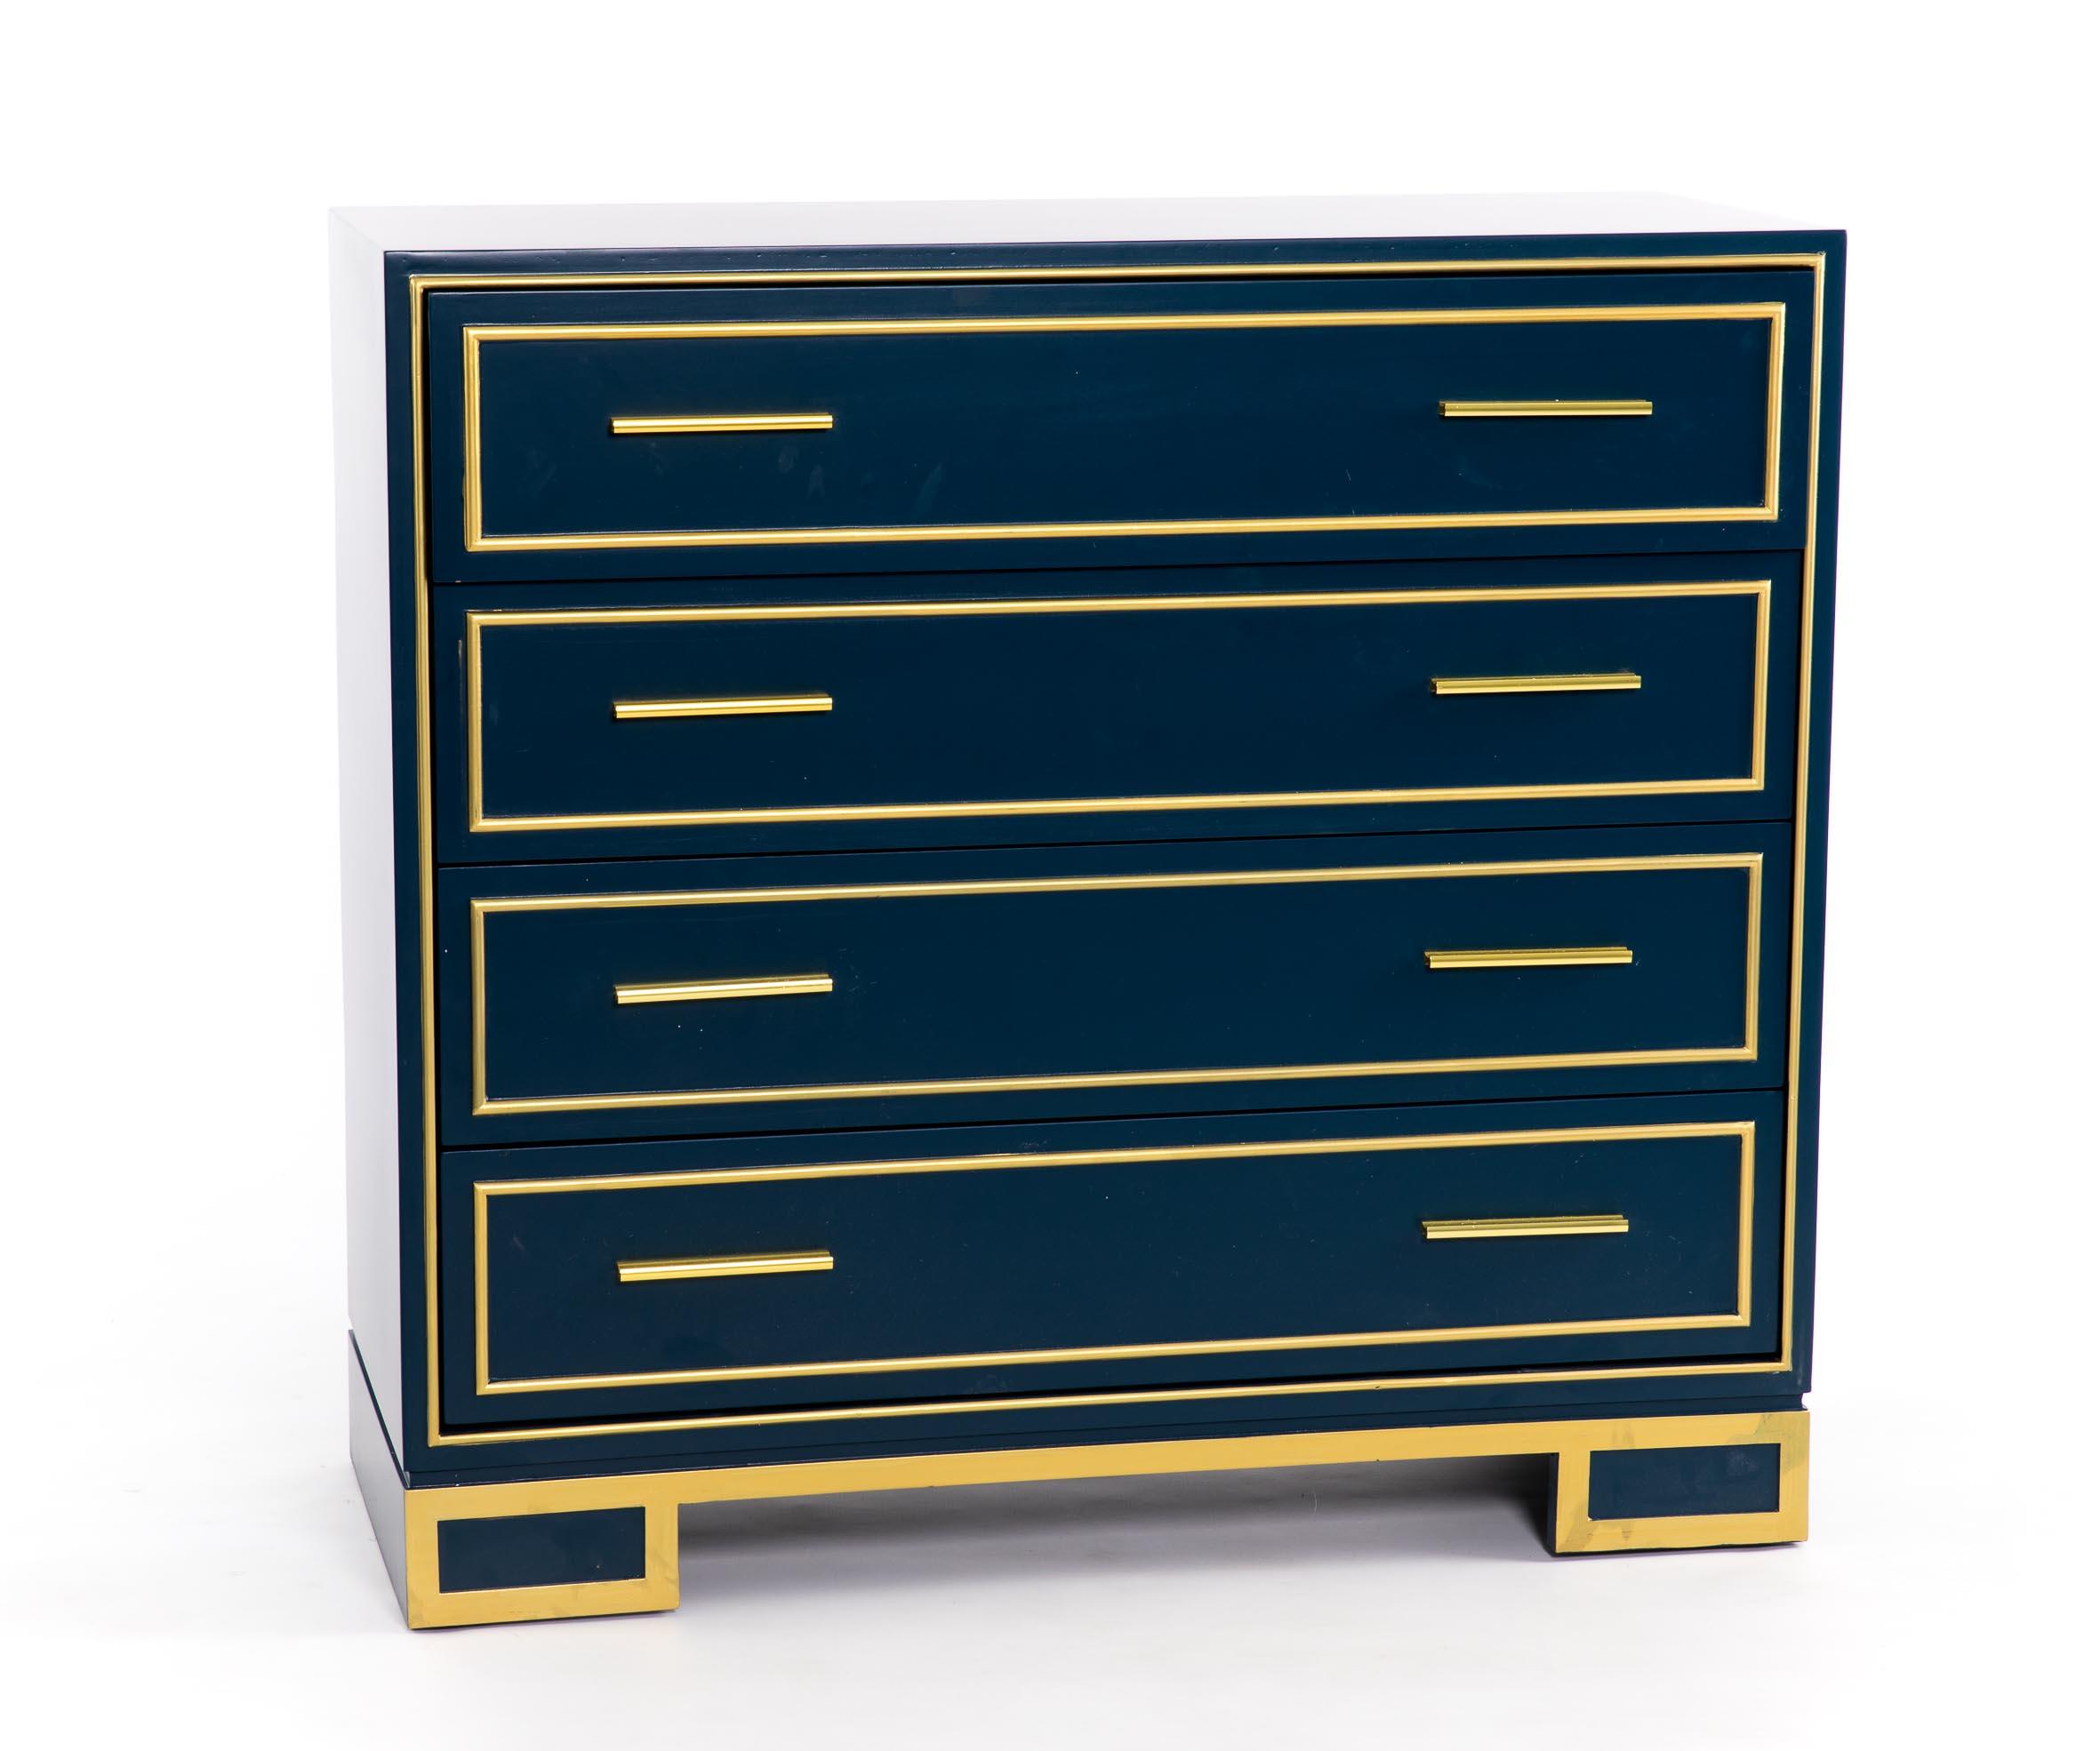 Comoda retro azul dorado 4 cajones